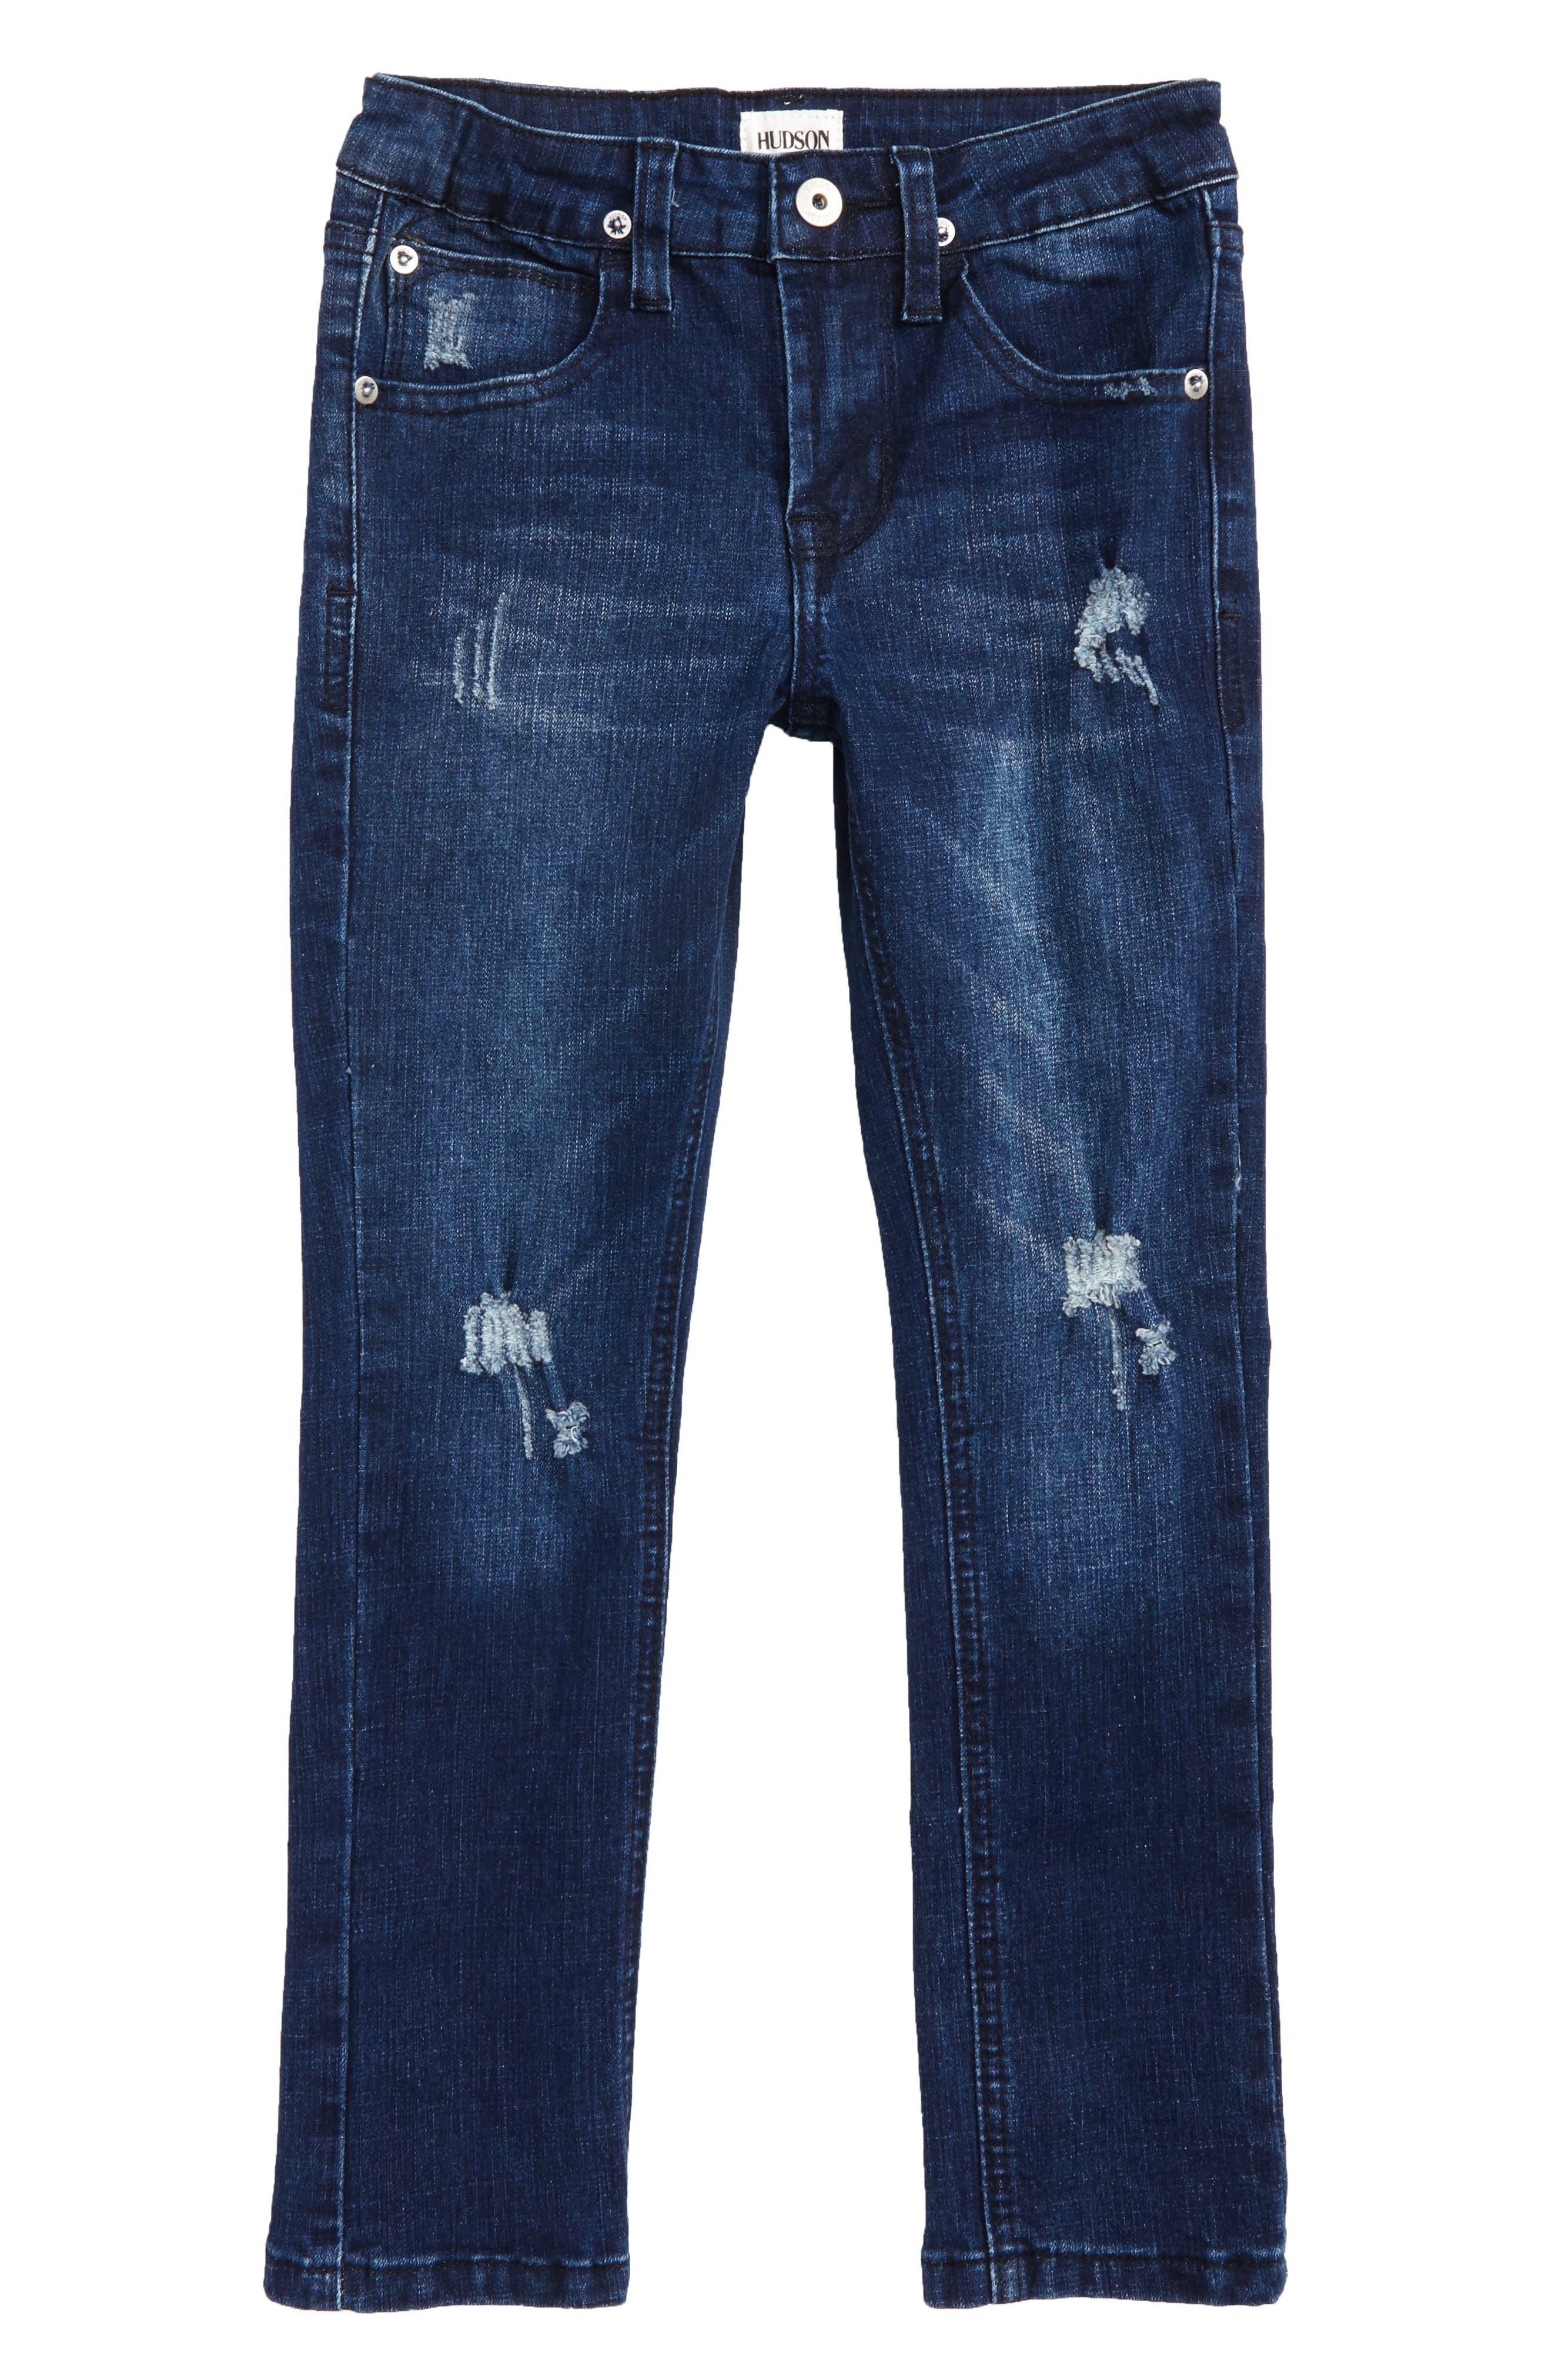 Hudson Kids Jude Skinny Jeans (Toddler Boys & Little Boys)